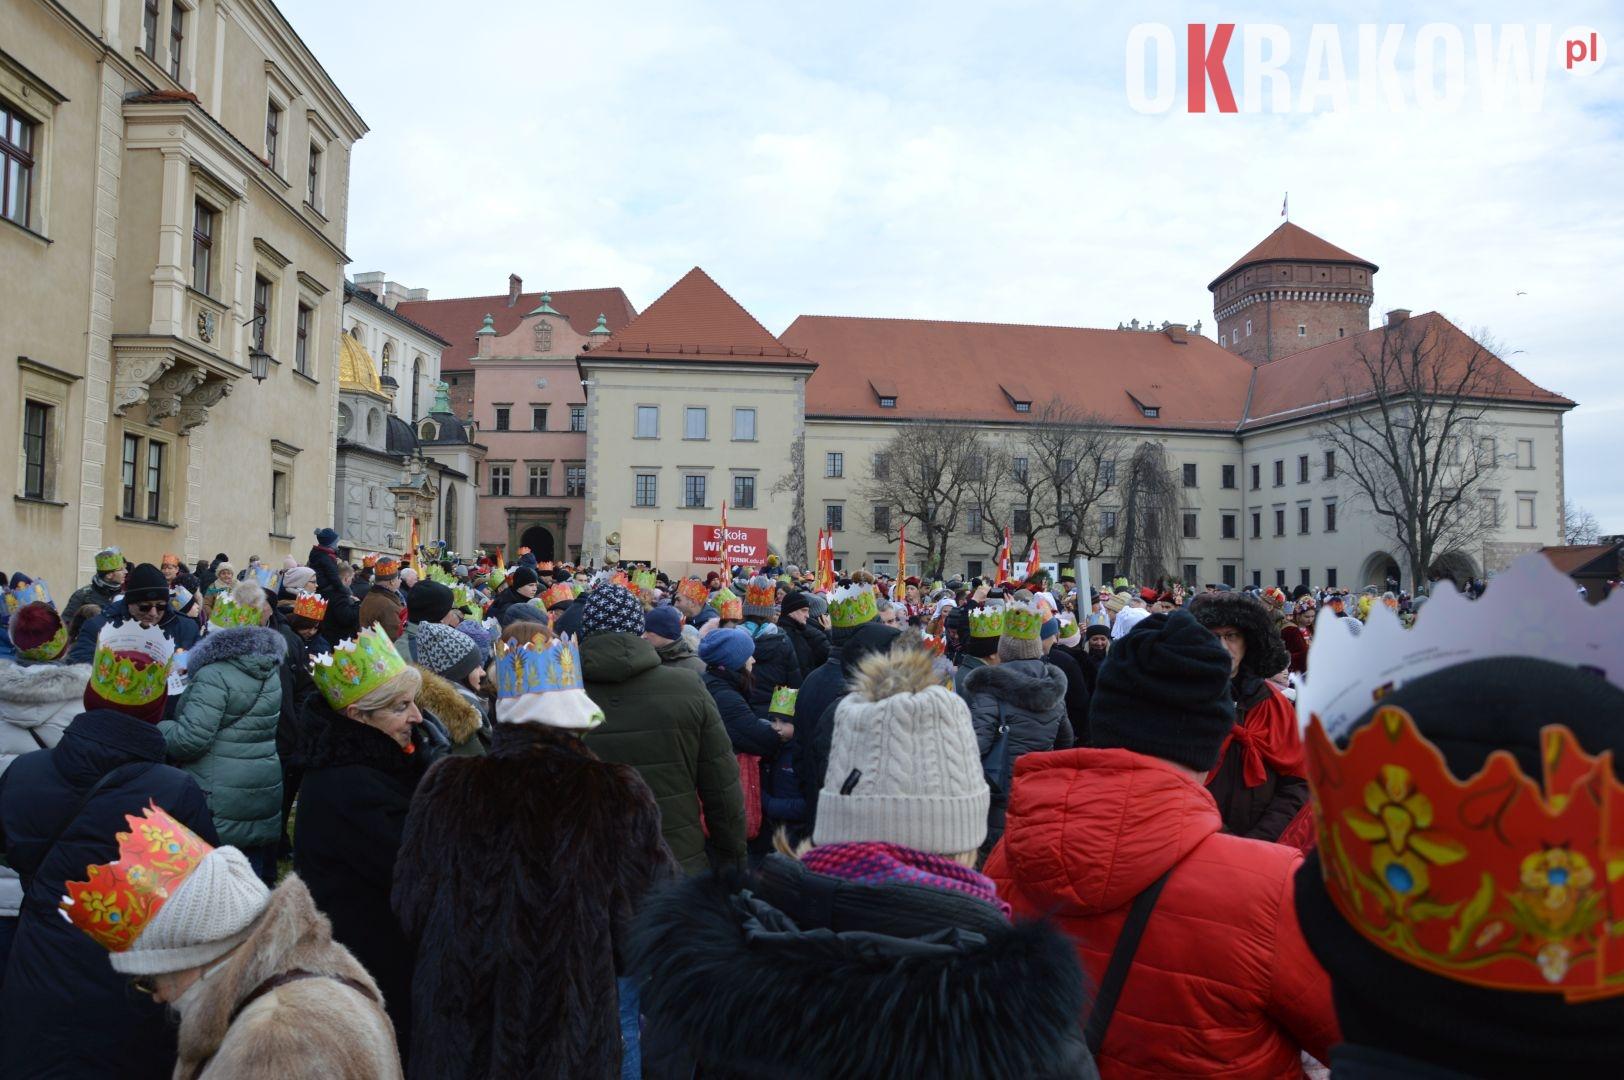 orszak 56 1 150x150 - Orszak Trzech Króli Kraków 2020 Galeria Zdjęć z Orszaku (czerwonego)